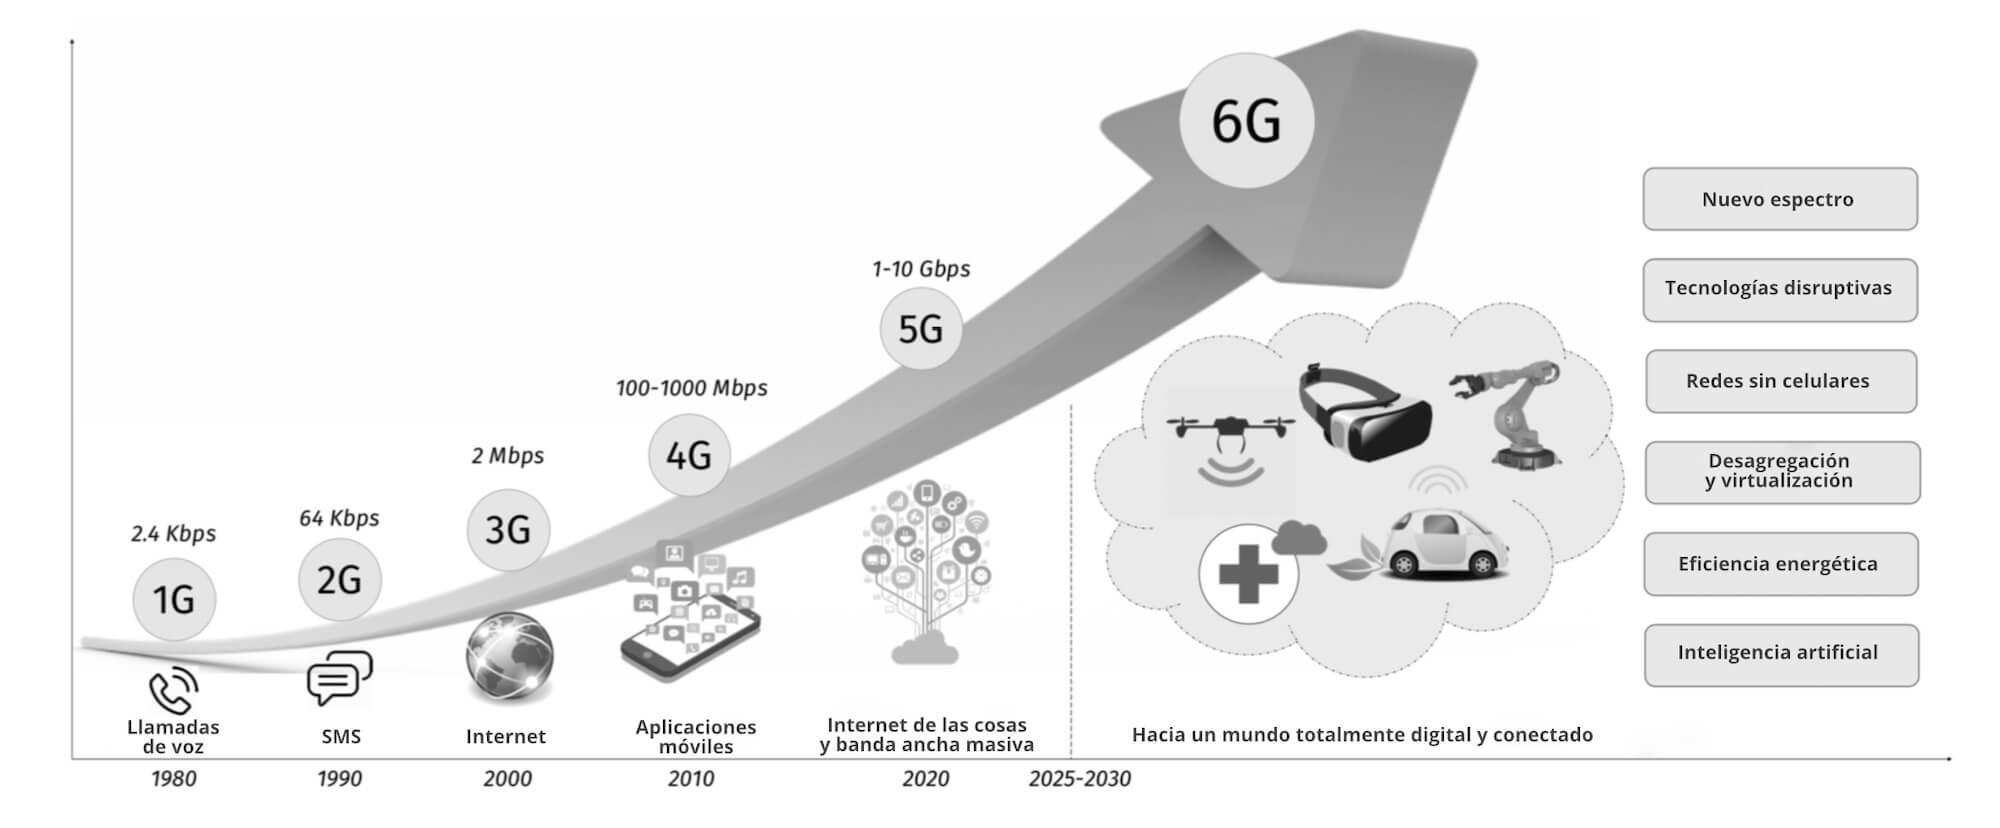 Evolución de la conectividad a internet desde el 1G hasta el 6G